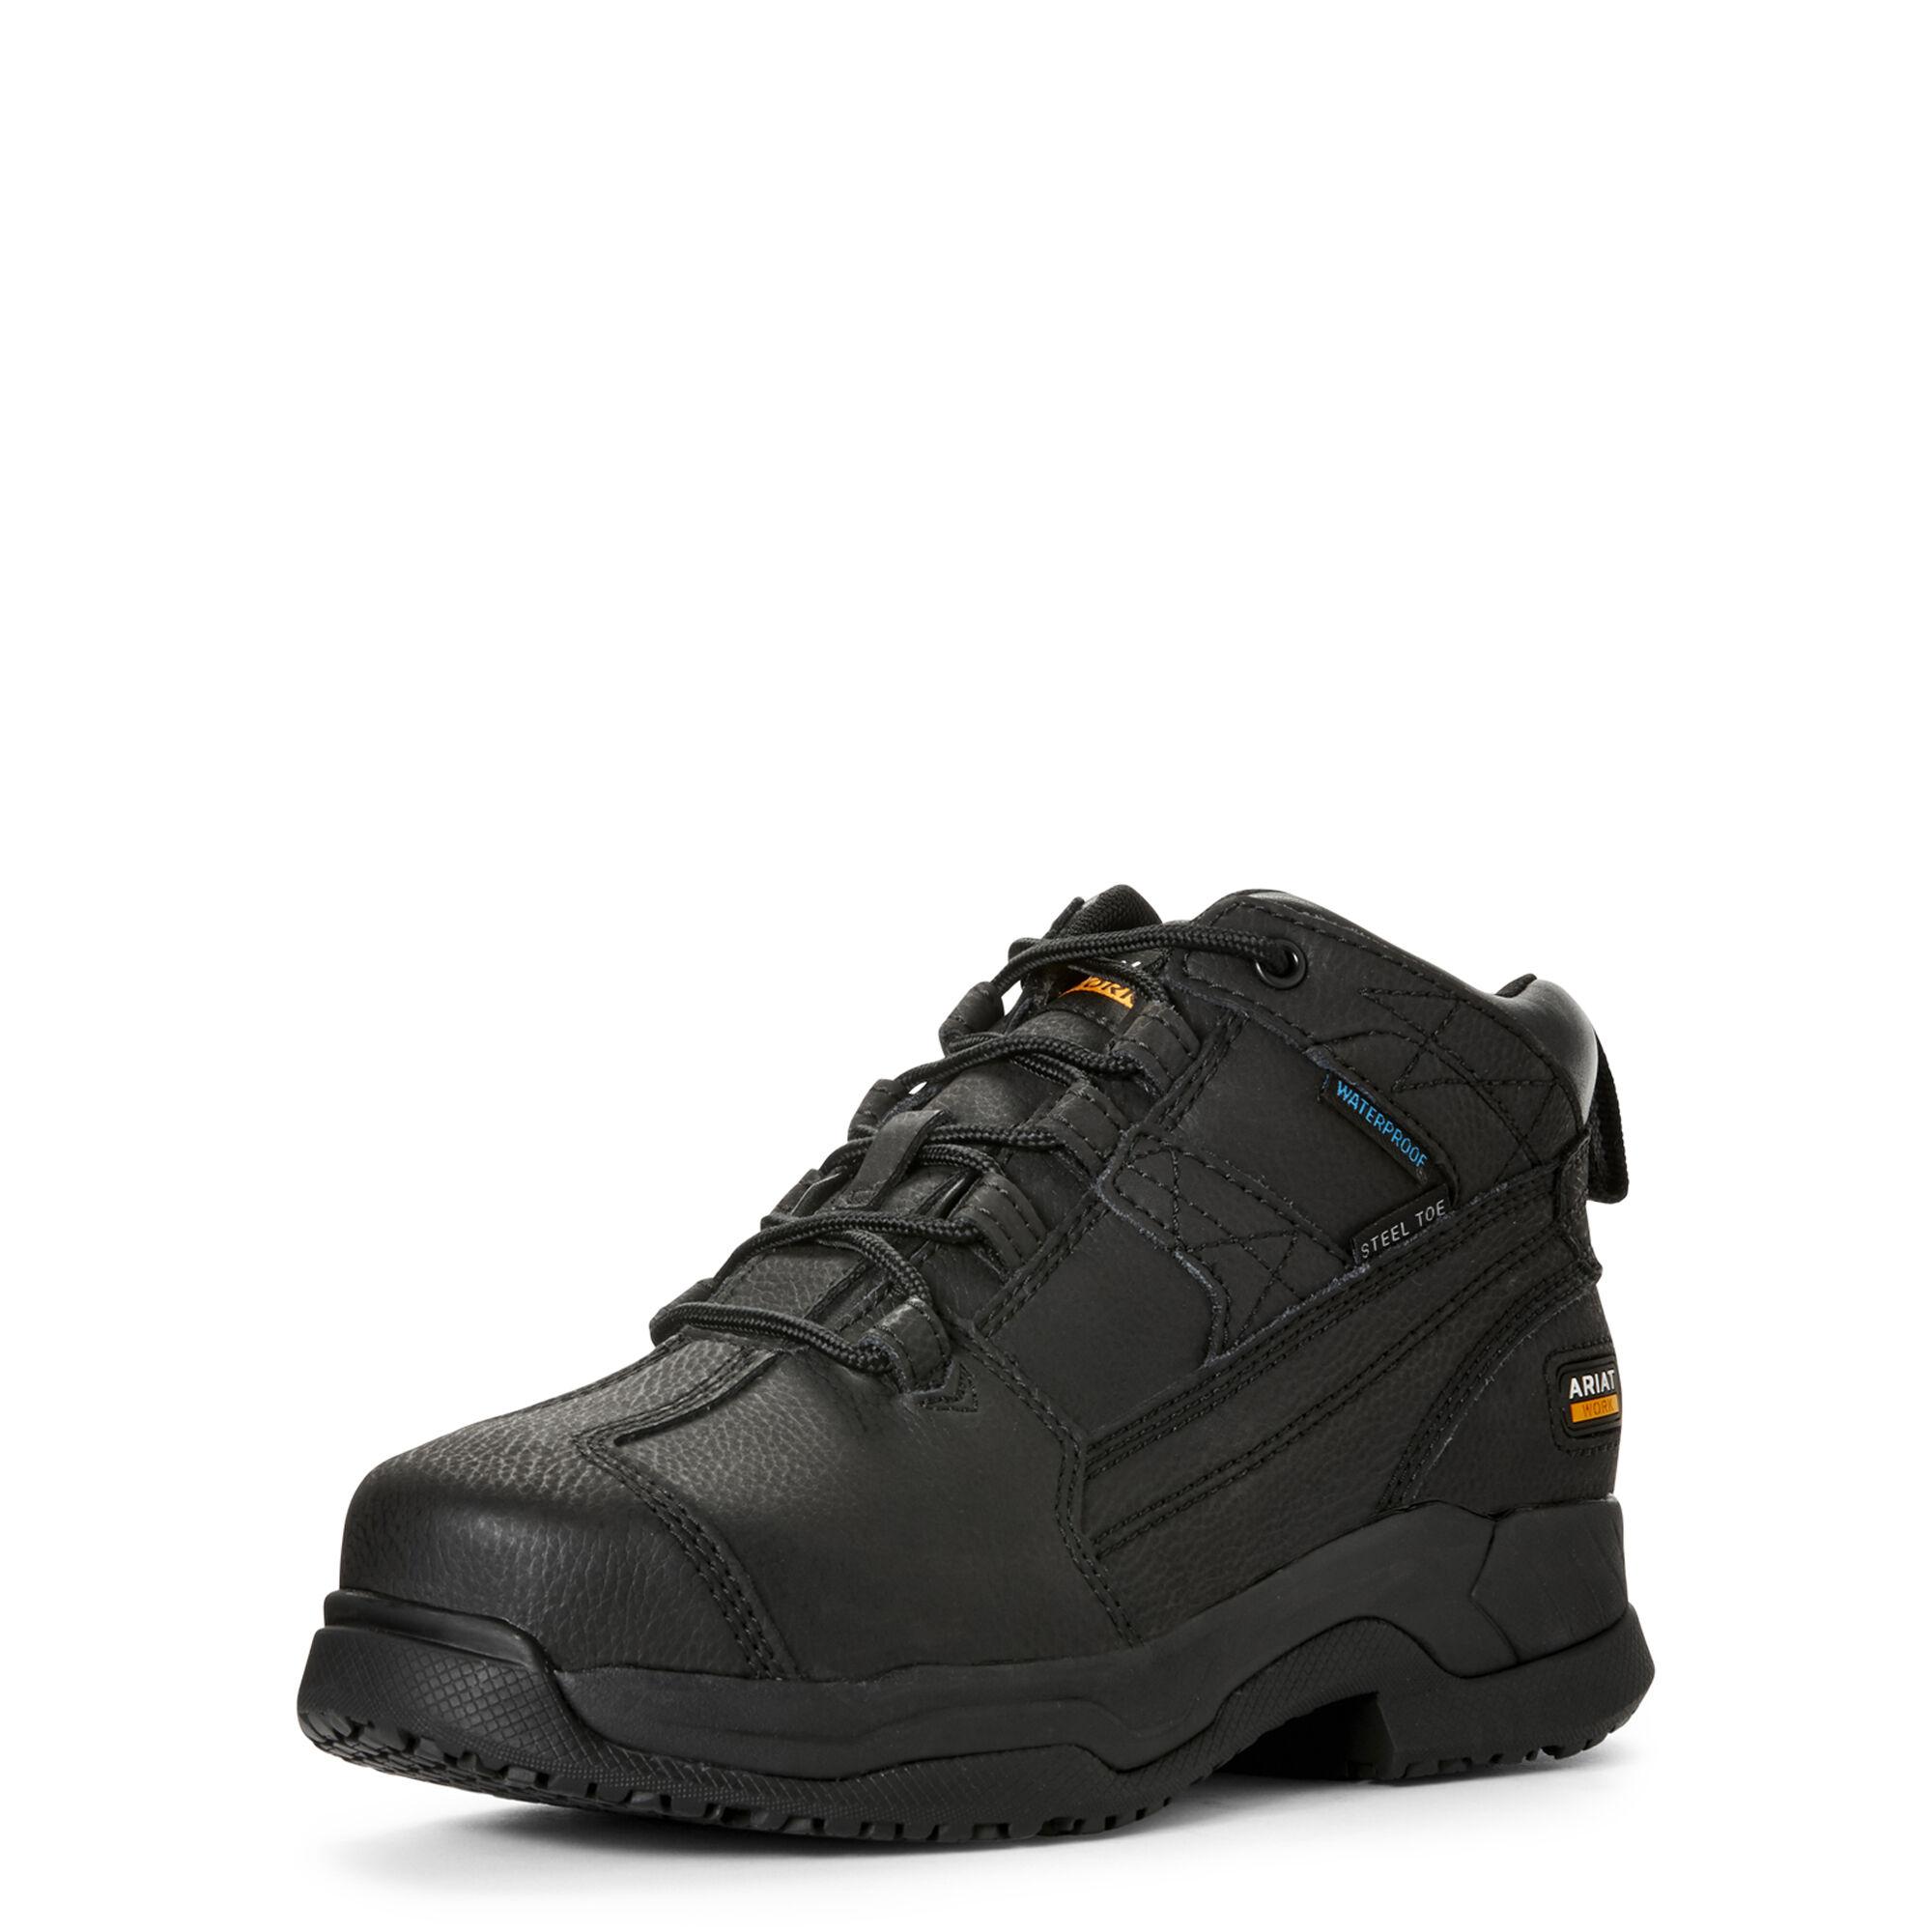 Women's Steel Toe Work Boots \u0026 Shoes